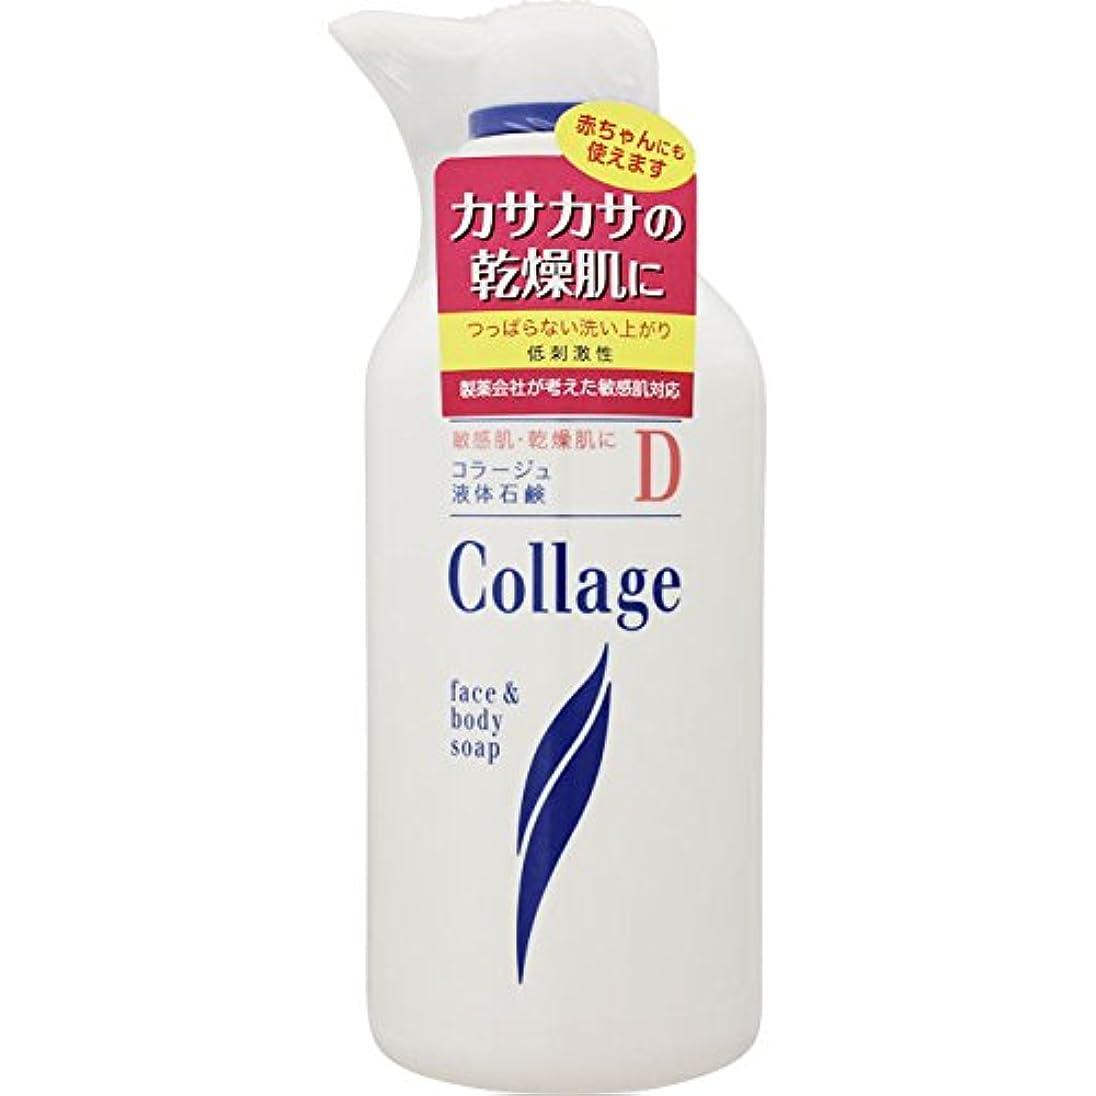 持田ヘルスケア コラージュD液体石鹸 400ml